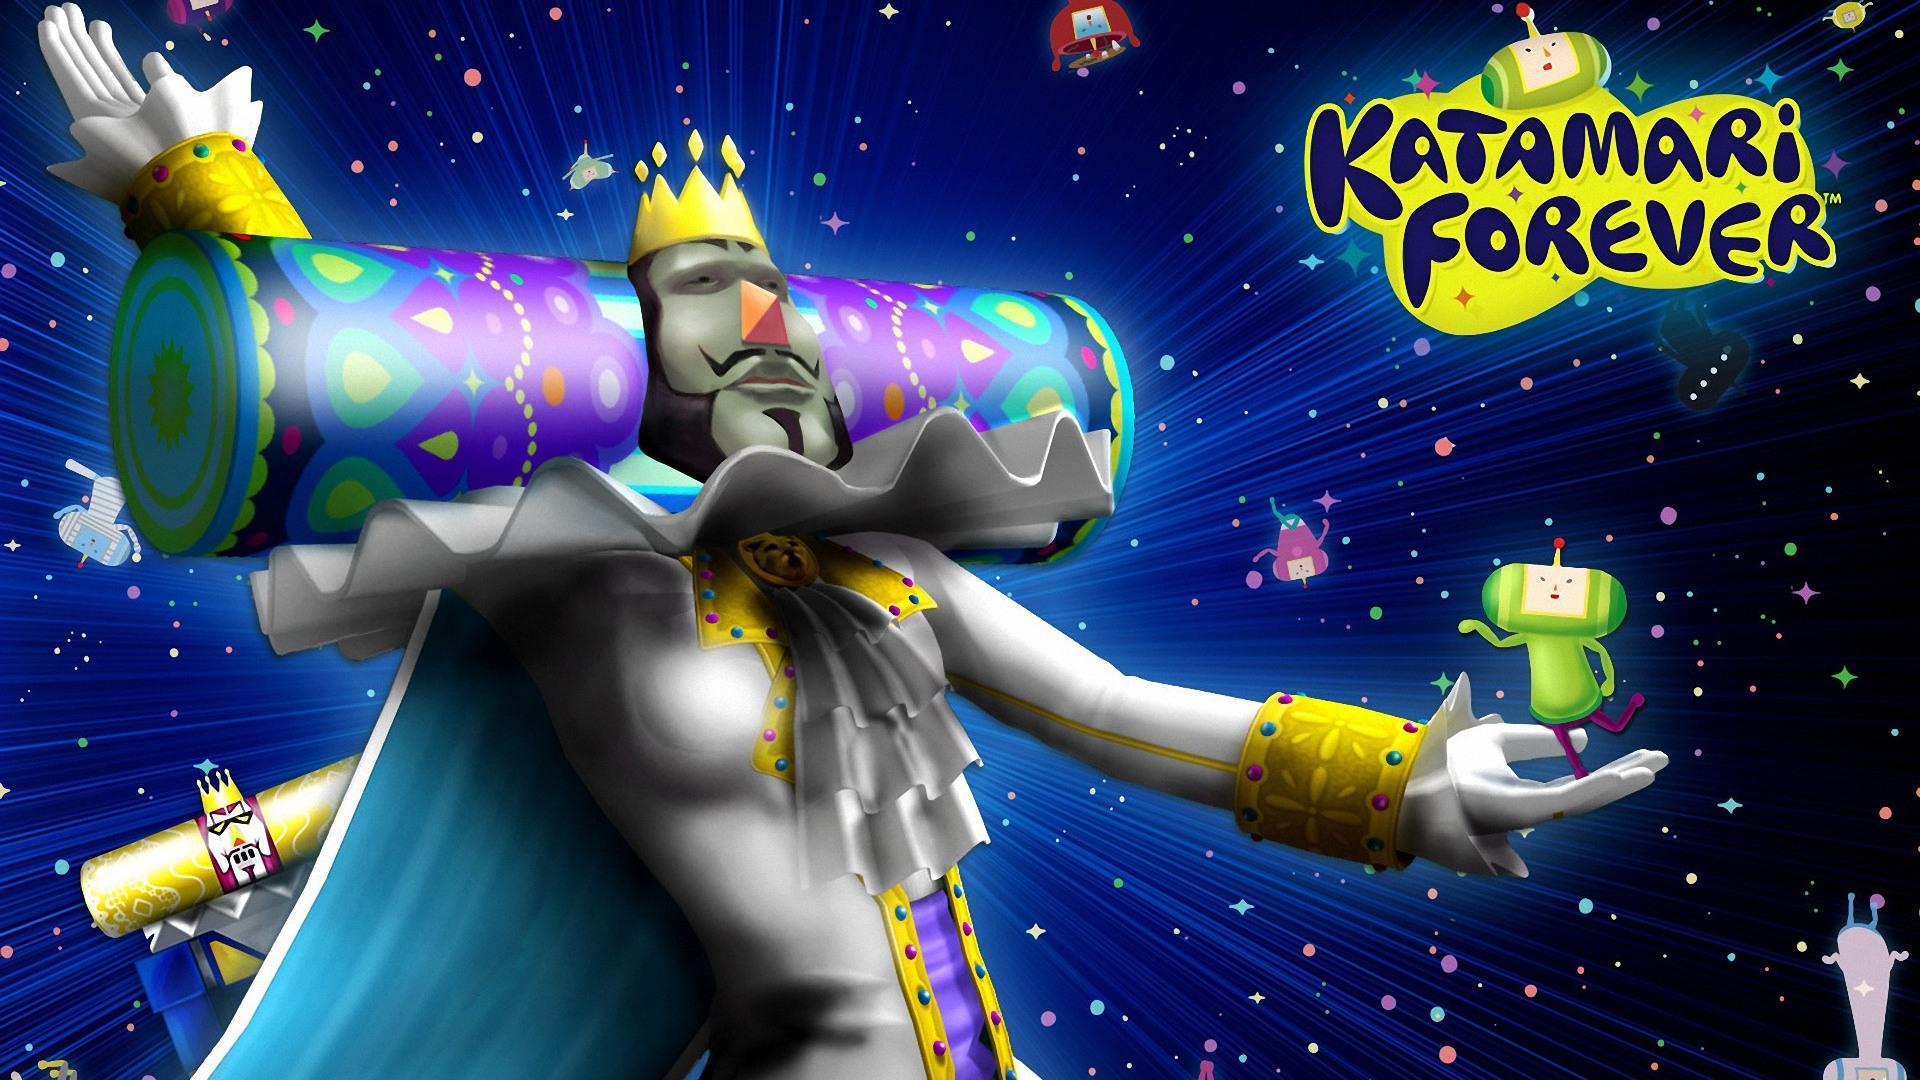 Katamari Forever kings 1920x1080 Wallpapers 1920x1080 Wallpapers 1920x1080